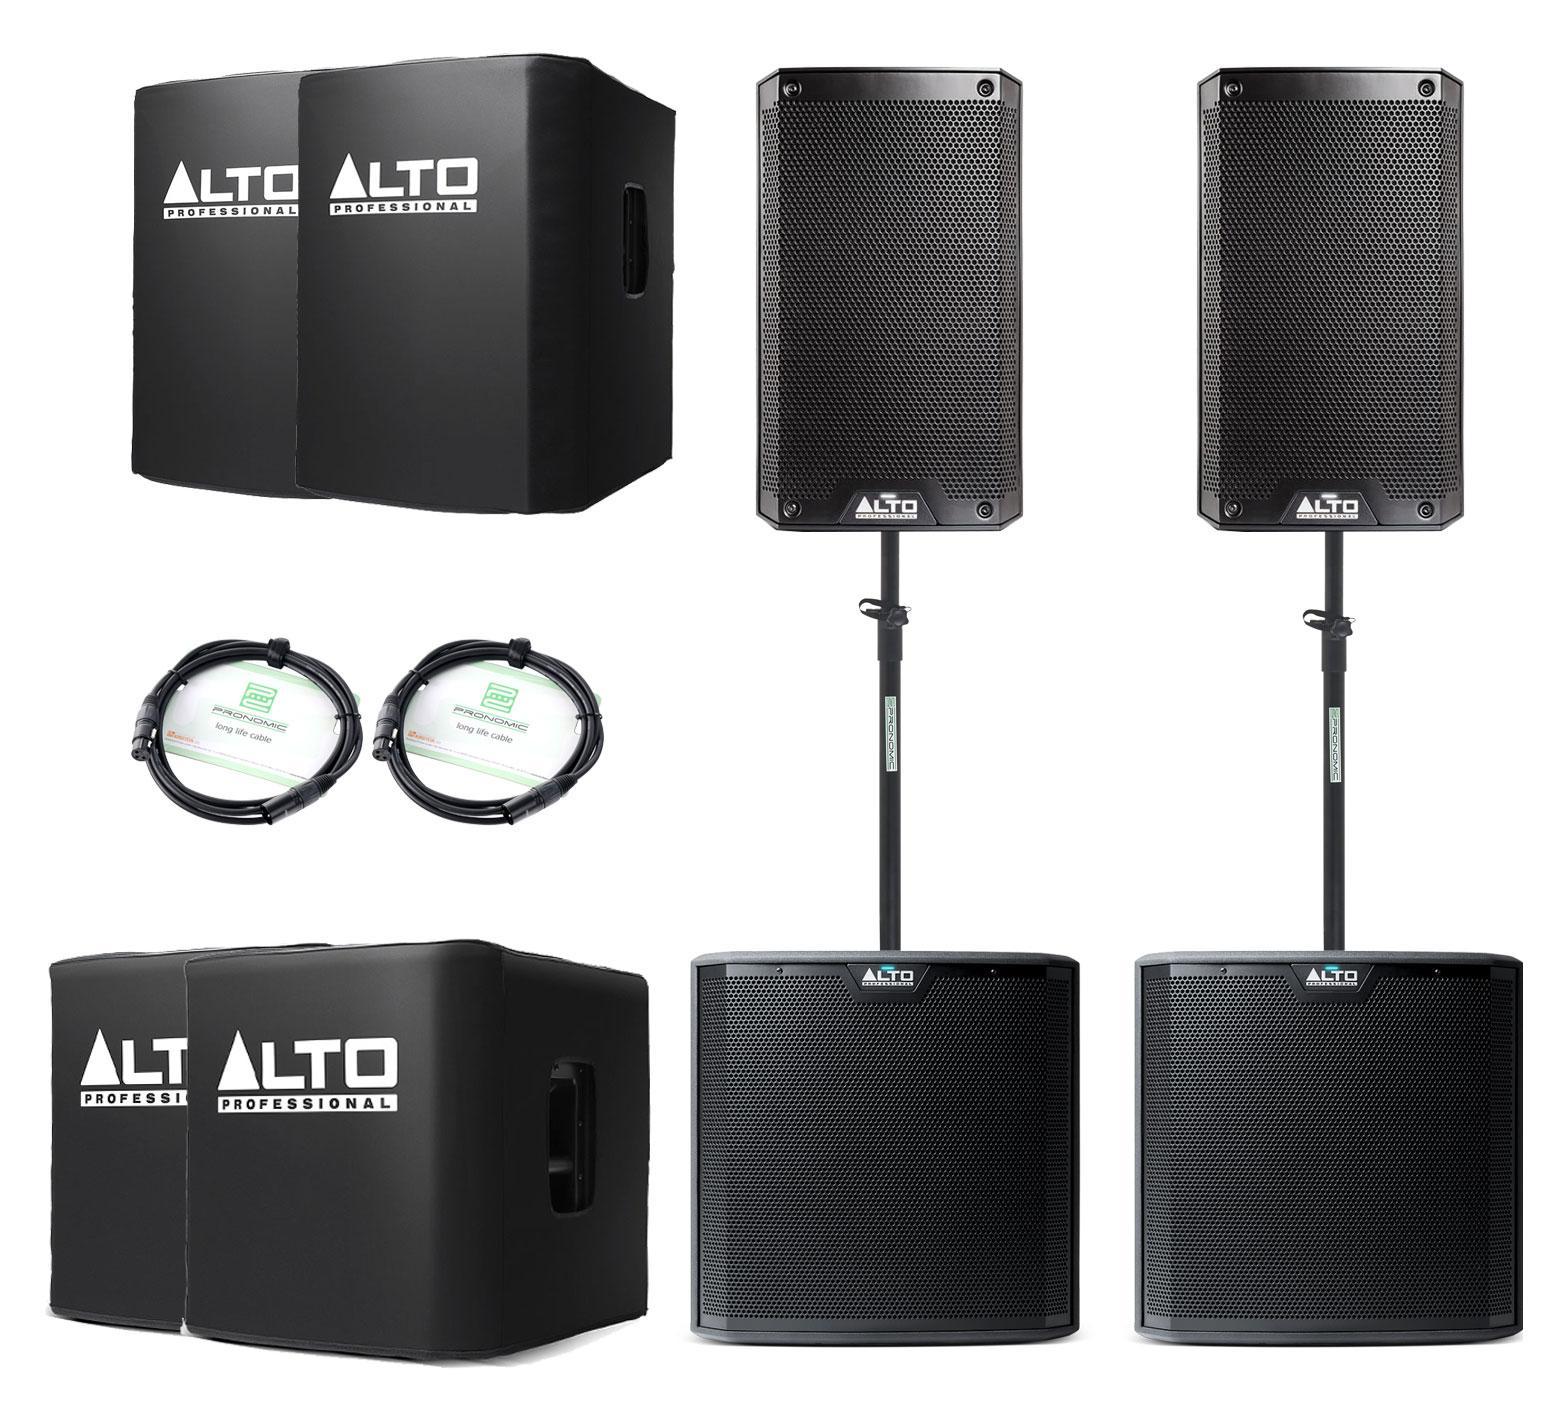 Alto TS208 TS212S Aktivanlagen Set inkl. Zubehör